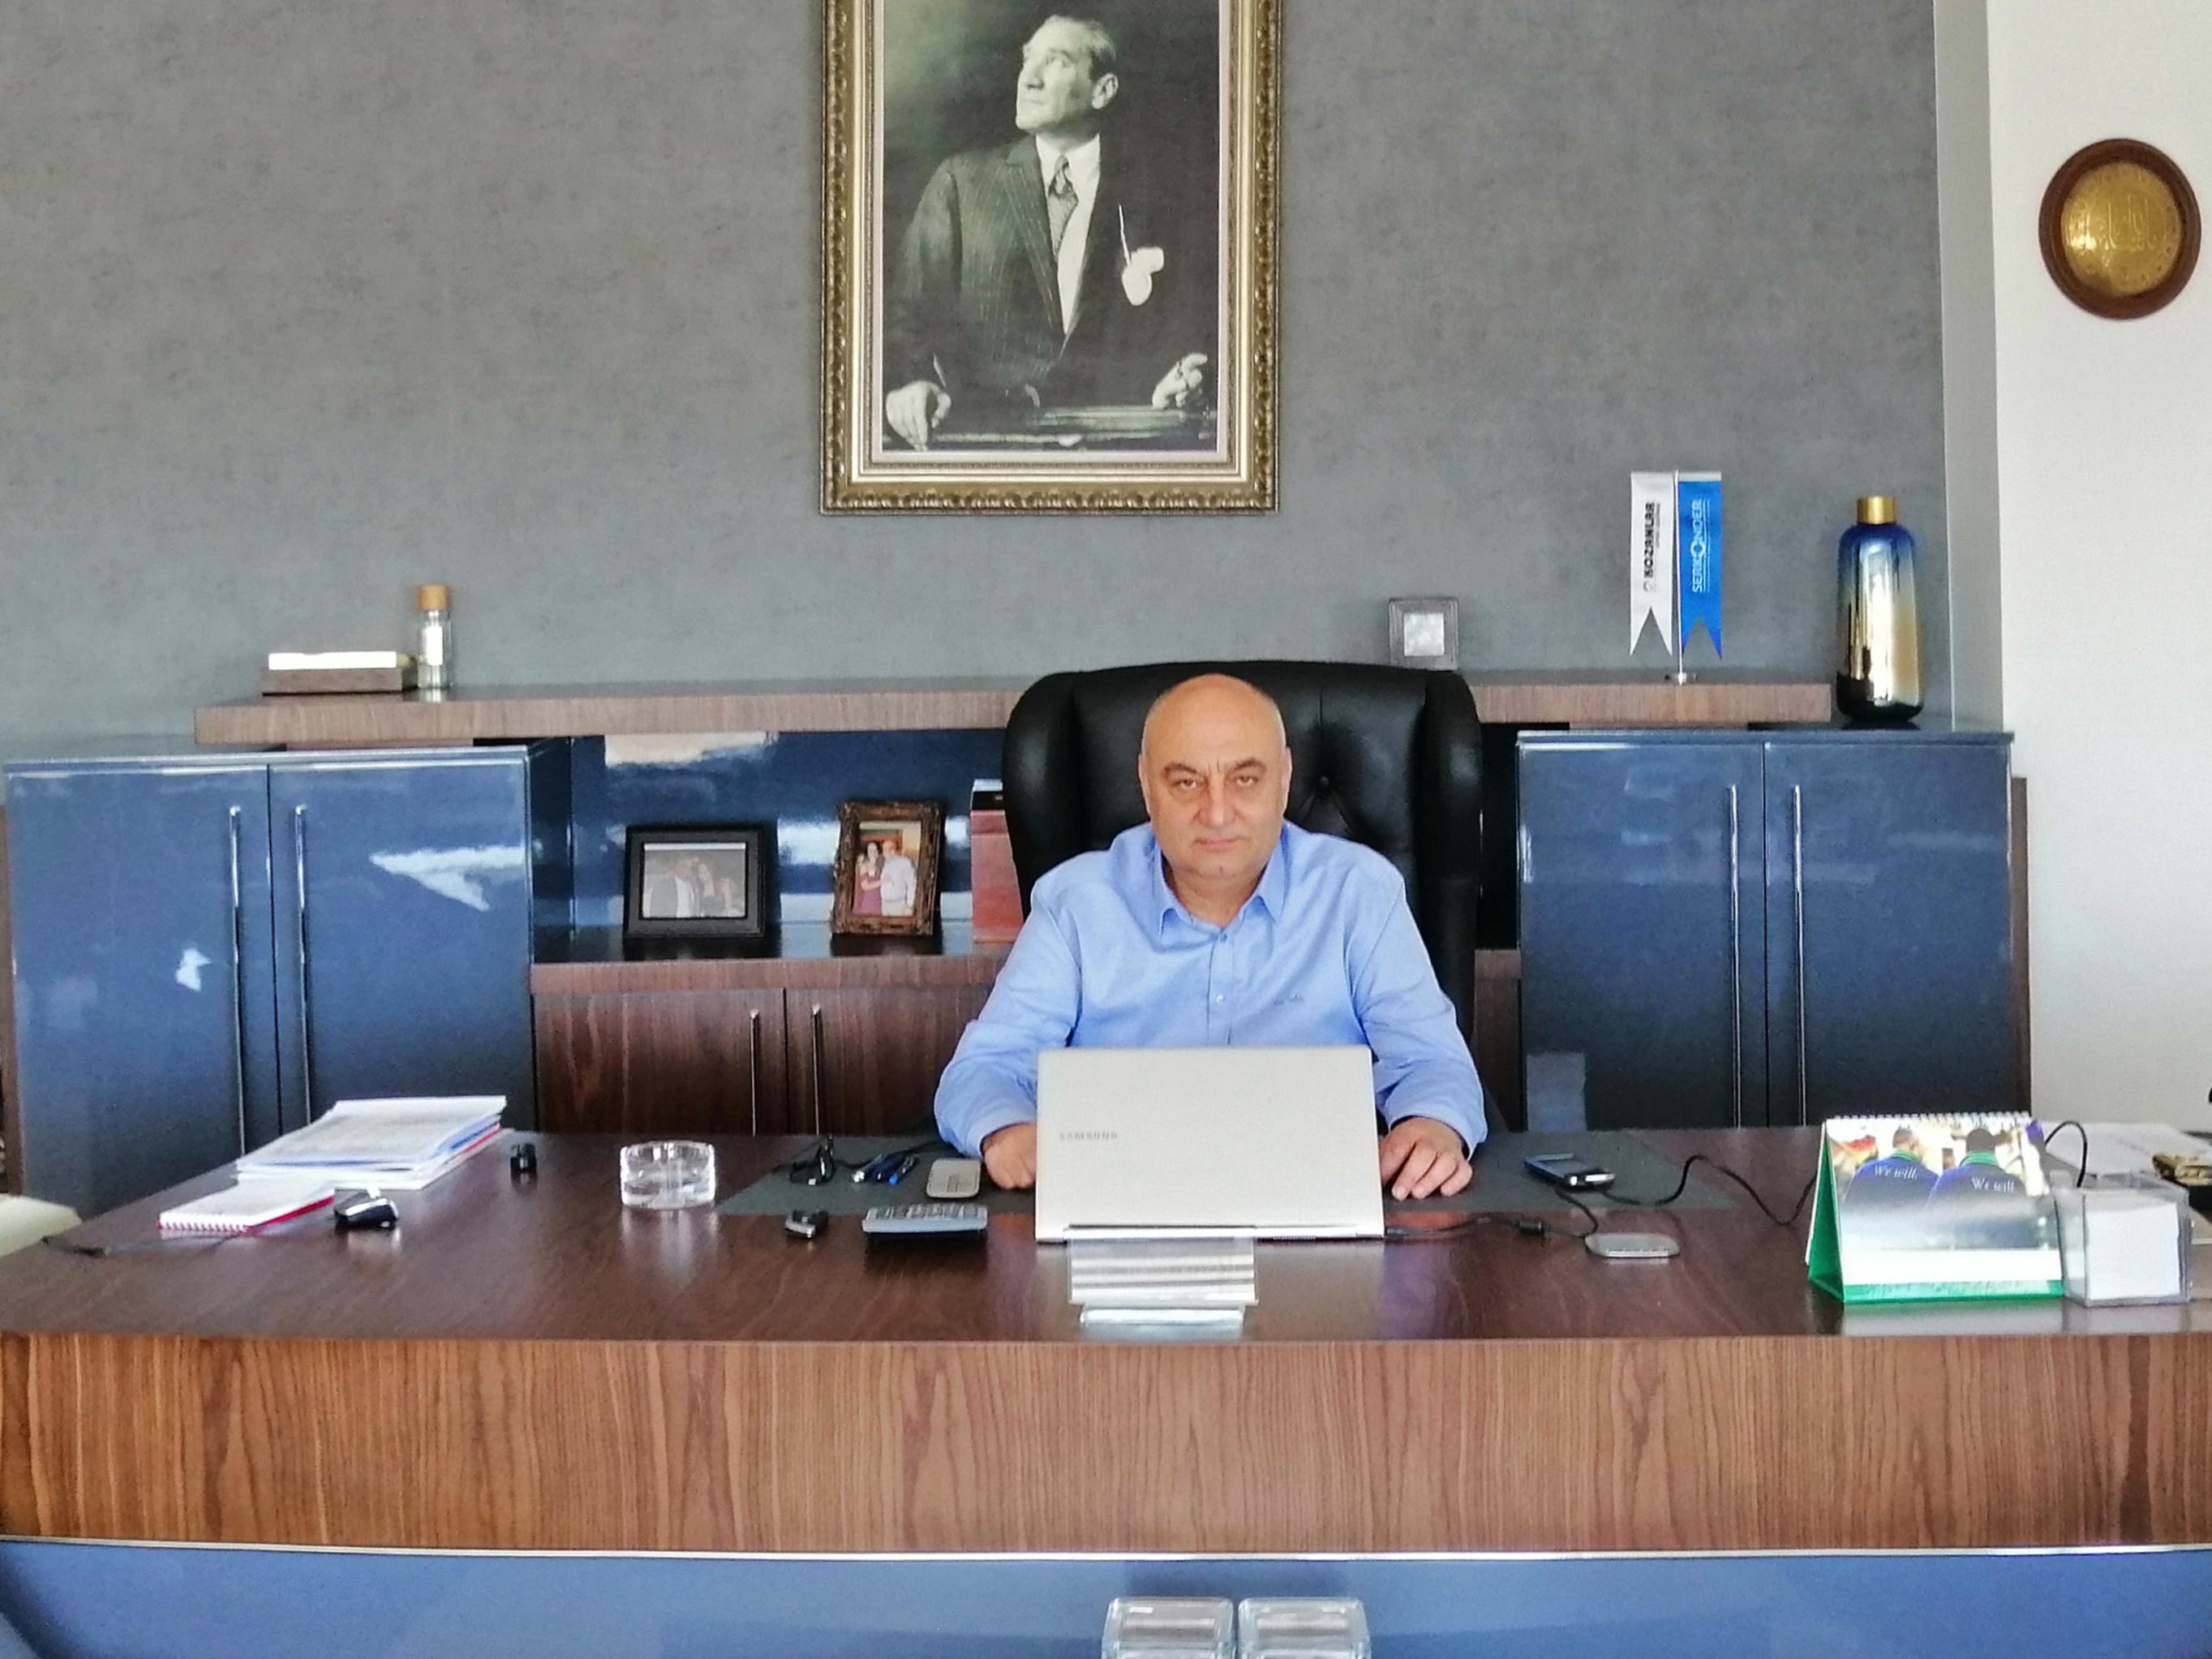 Seracıların bir araya gelerek oluşturduğu SERKONDER yeni dönem ilişkin beklentilerini ortaya koydu. Başkan Halil Kozan bu sorunların çözülmesi halinde çok önemli çalışmalara imza atacaklarını ifade etti.